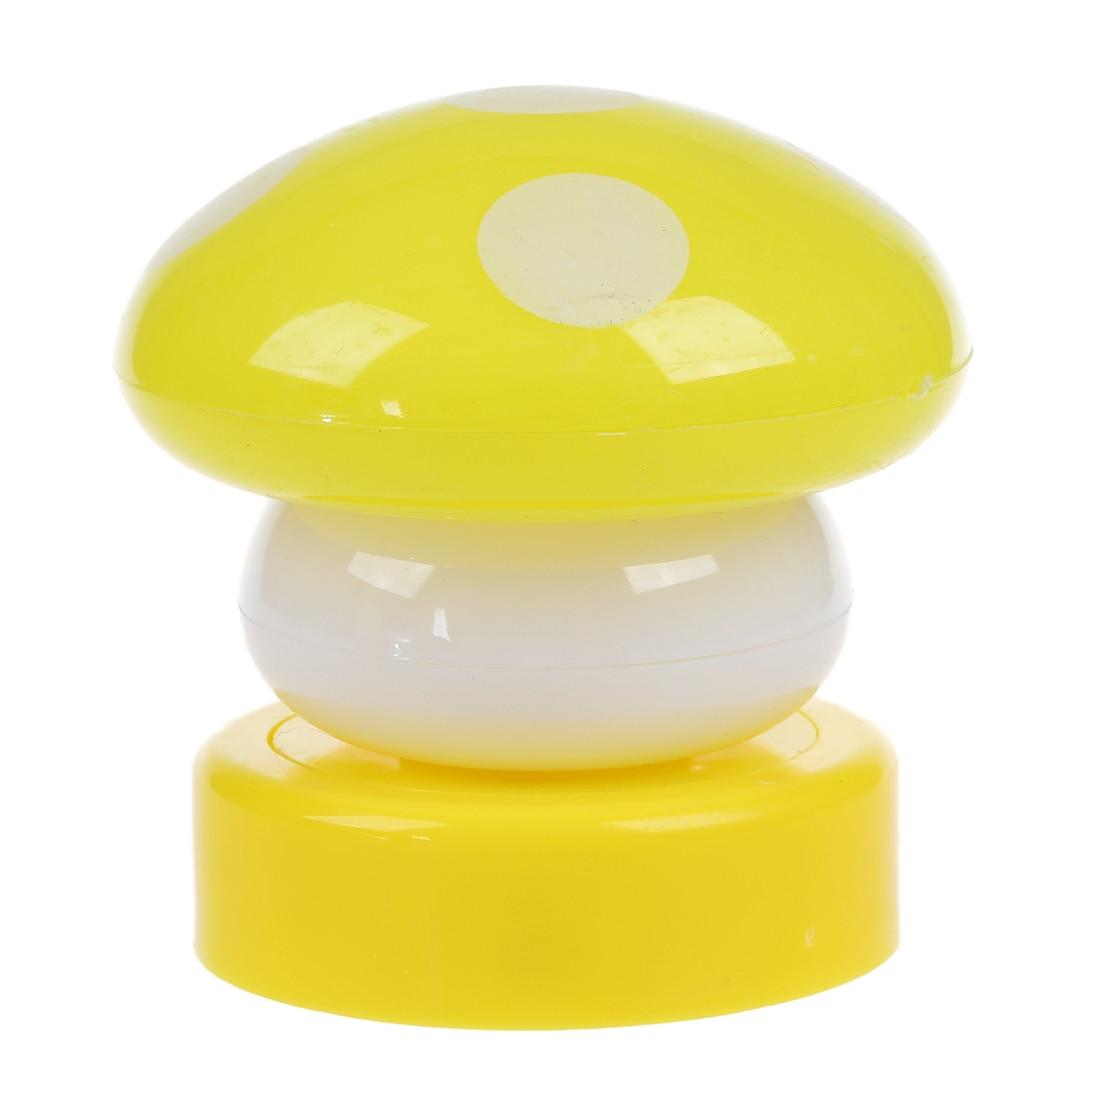 Из 2 предметов Красочные гриб Нажмите/Touch <font><b>LED</b></font> Детская Спальня ночник настольная лампа